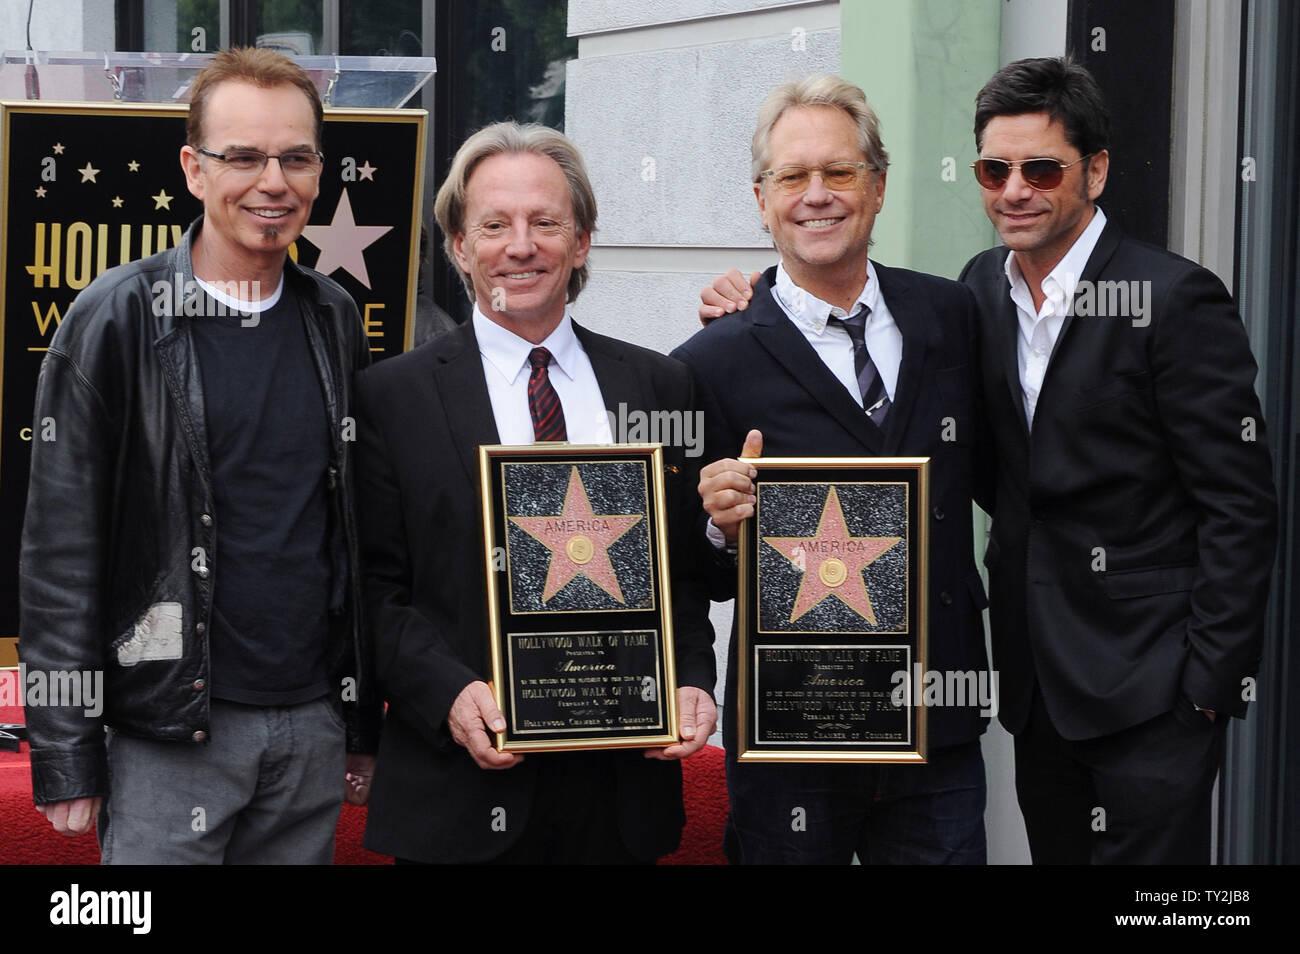 """Dewey Bunnell (2nd-L) y Gerry Beckley (3RD-L), y los miembros del grupo de rock clásico y ganador de un premio Grammy, """"el dúo América, sujetar placas de réplica ya que plantean con los actores Billy Bob Thorton (L) y John Stamos (R), durante una ceremonia en honor a ellos con el 2,459th estrella en el Paseo de la Fama de Hollywood en Los Angeles el 6 de febrero de 2012. UPI/Jim Ruymen Imagen De Stock"""